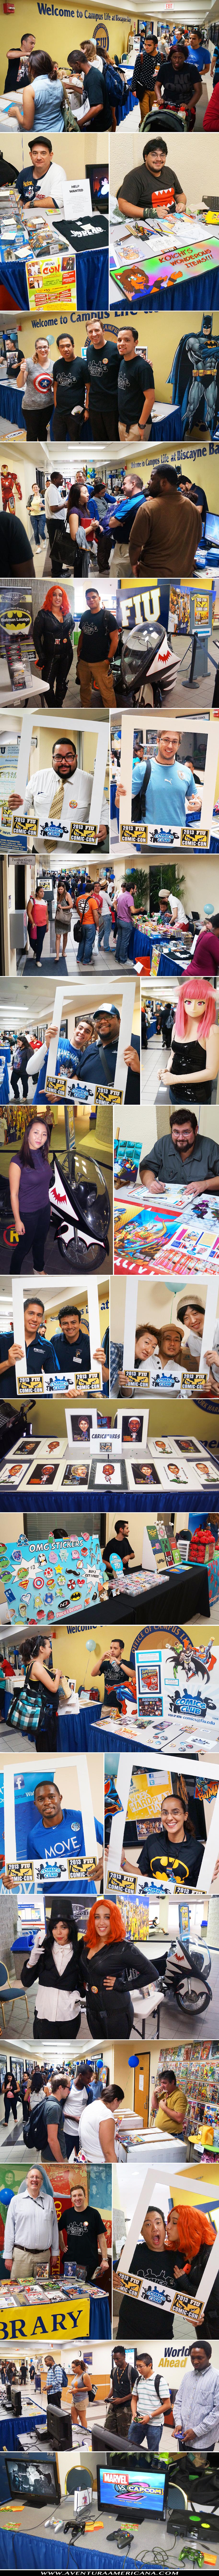 FIU_Comic-Con_002